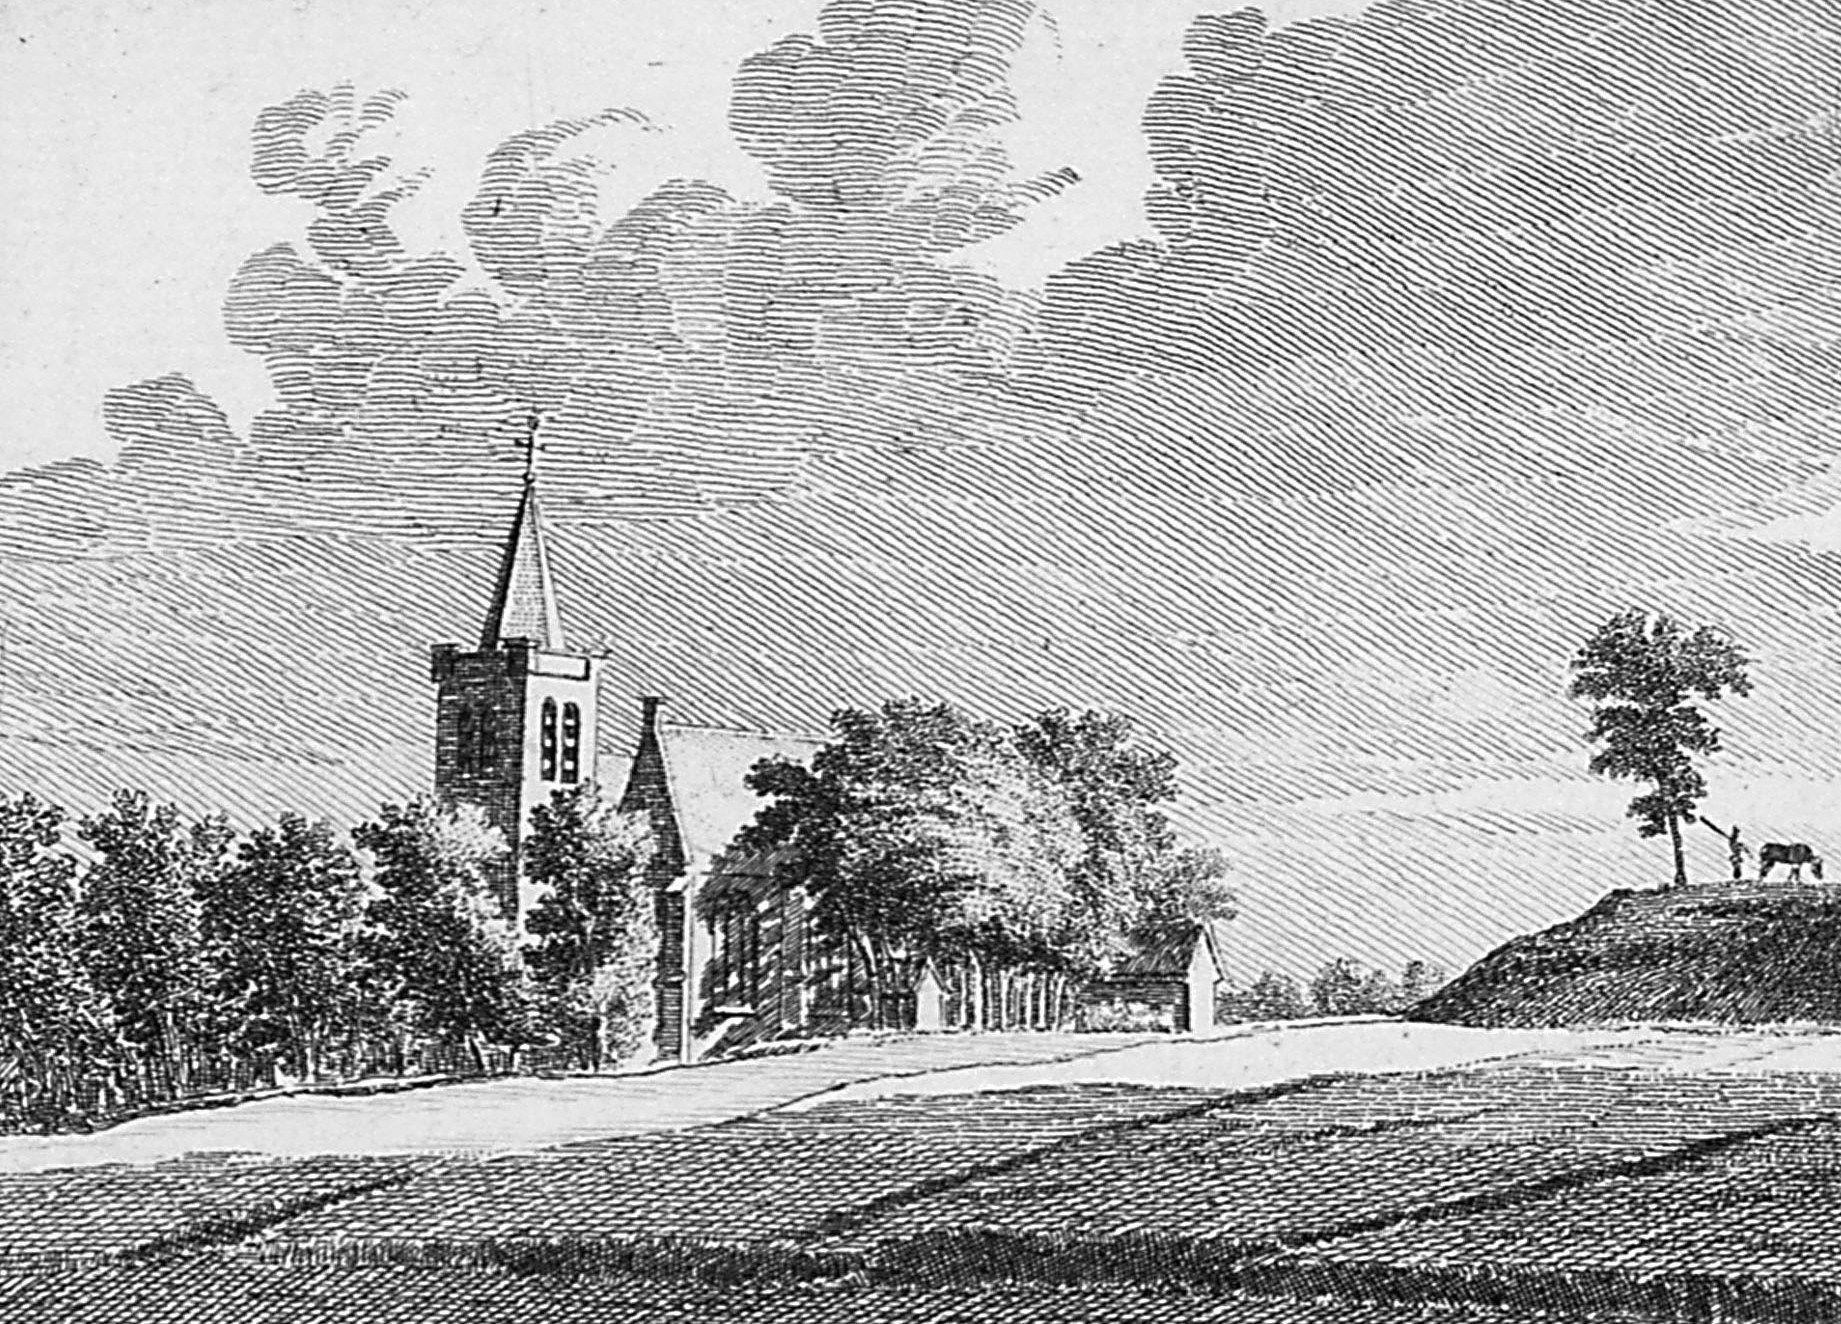 Gezicht op de kerk van Wemeldinge in 1743, met rechts de vliedberg. (Zeeuws Archief, coll. Zeeuws Genootschap, Zelandia Illustrata)